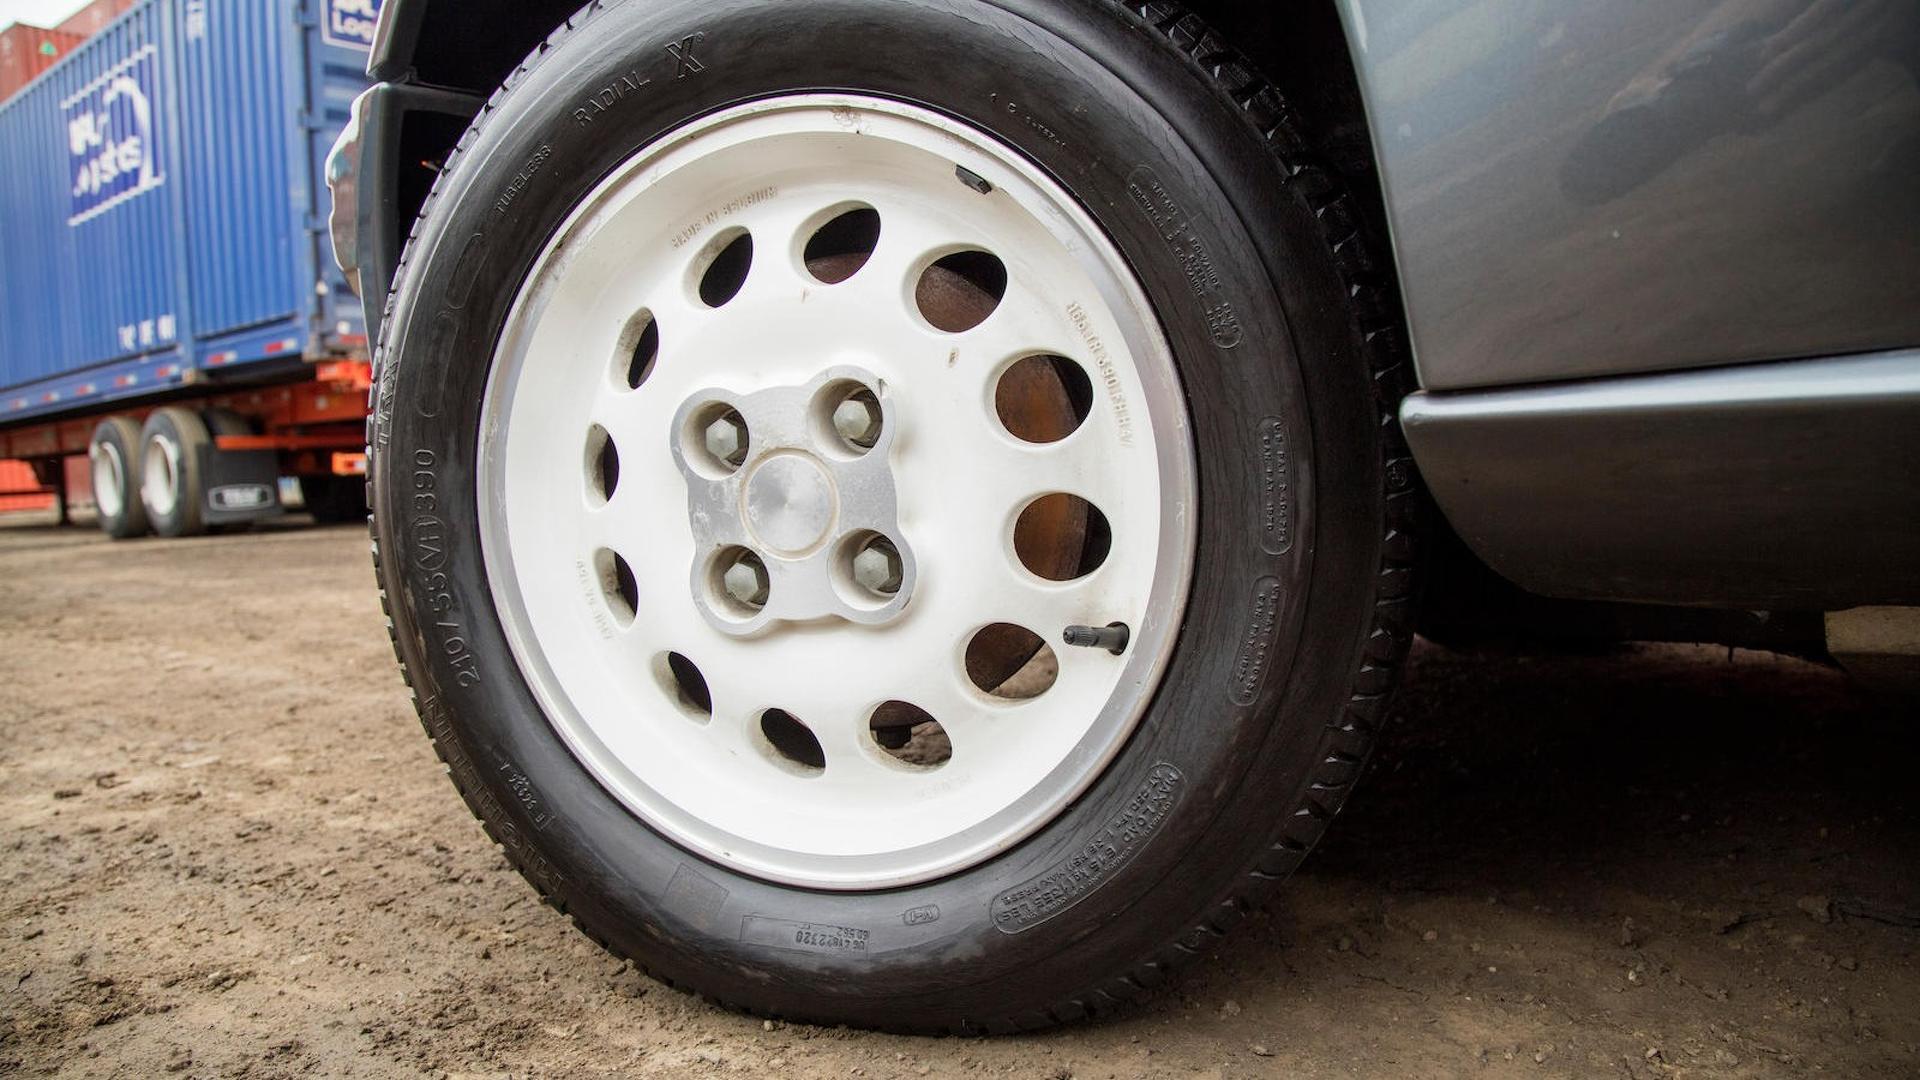 1985_Peugeot_205_Turbo_16_21